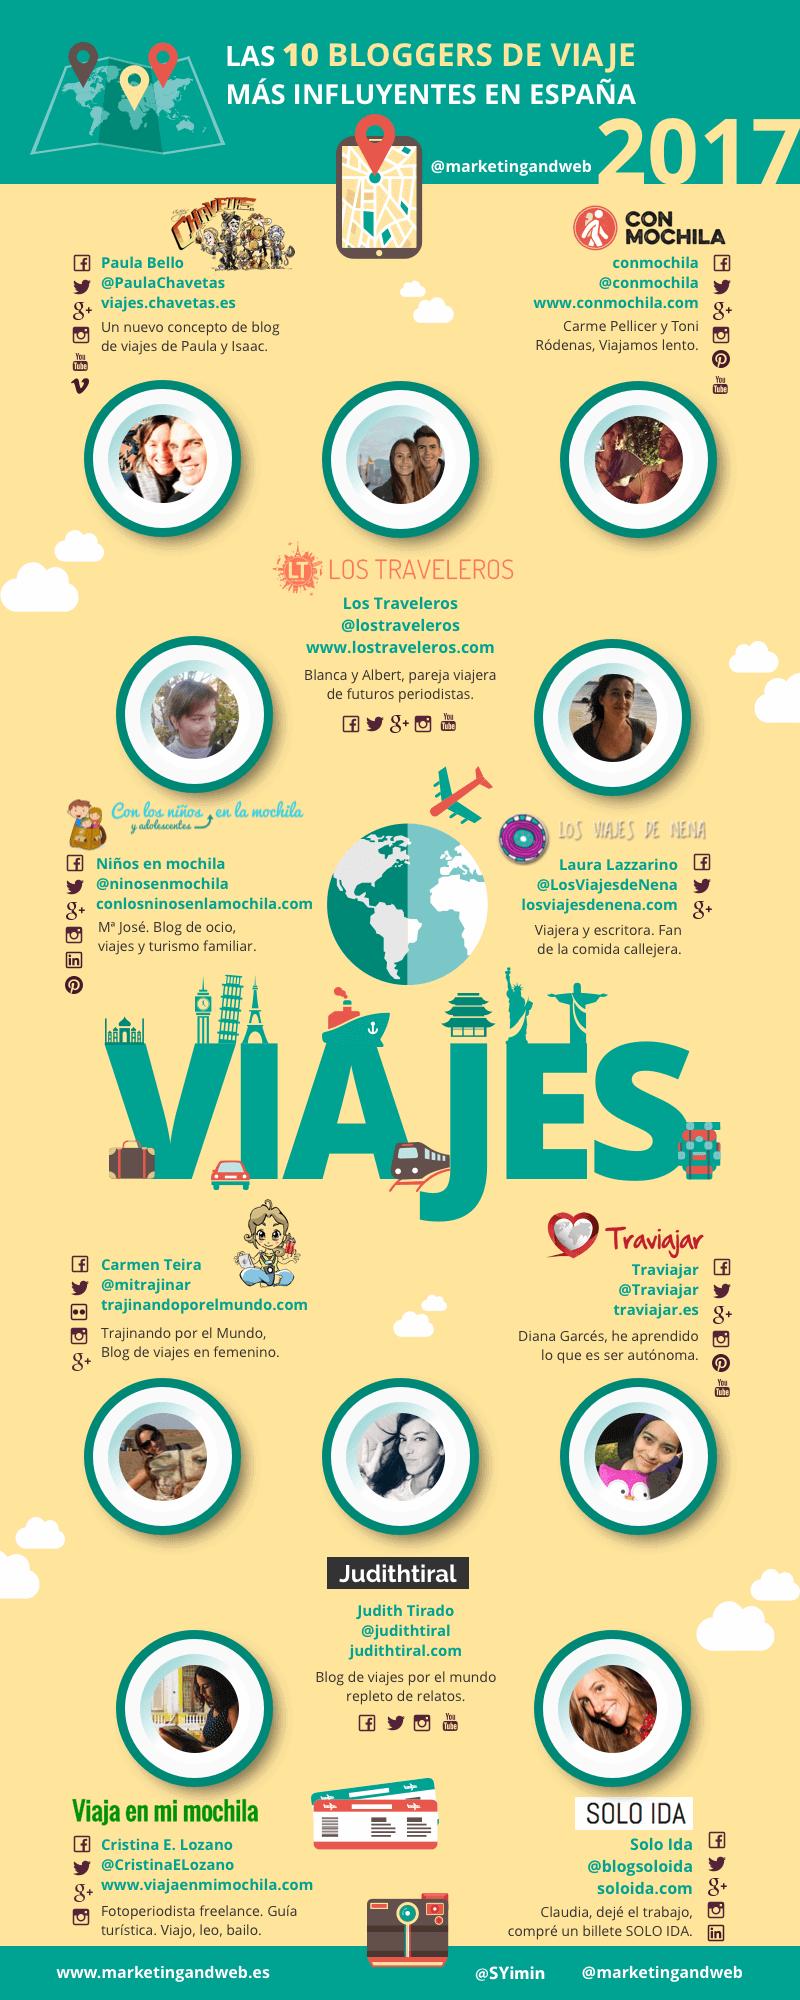 10 Bloggers de Viaje más influyentes en España